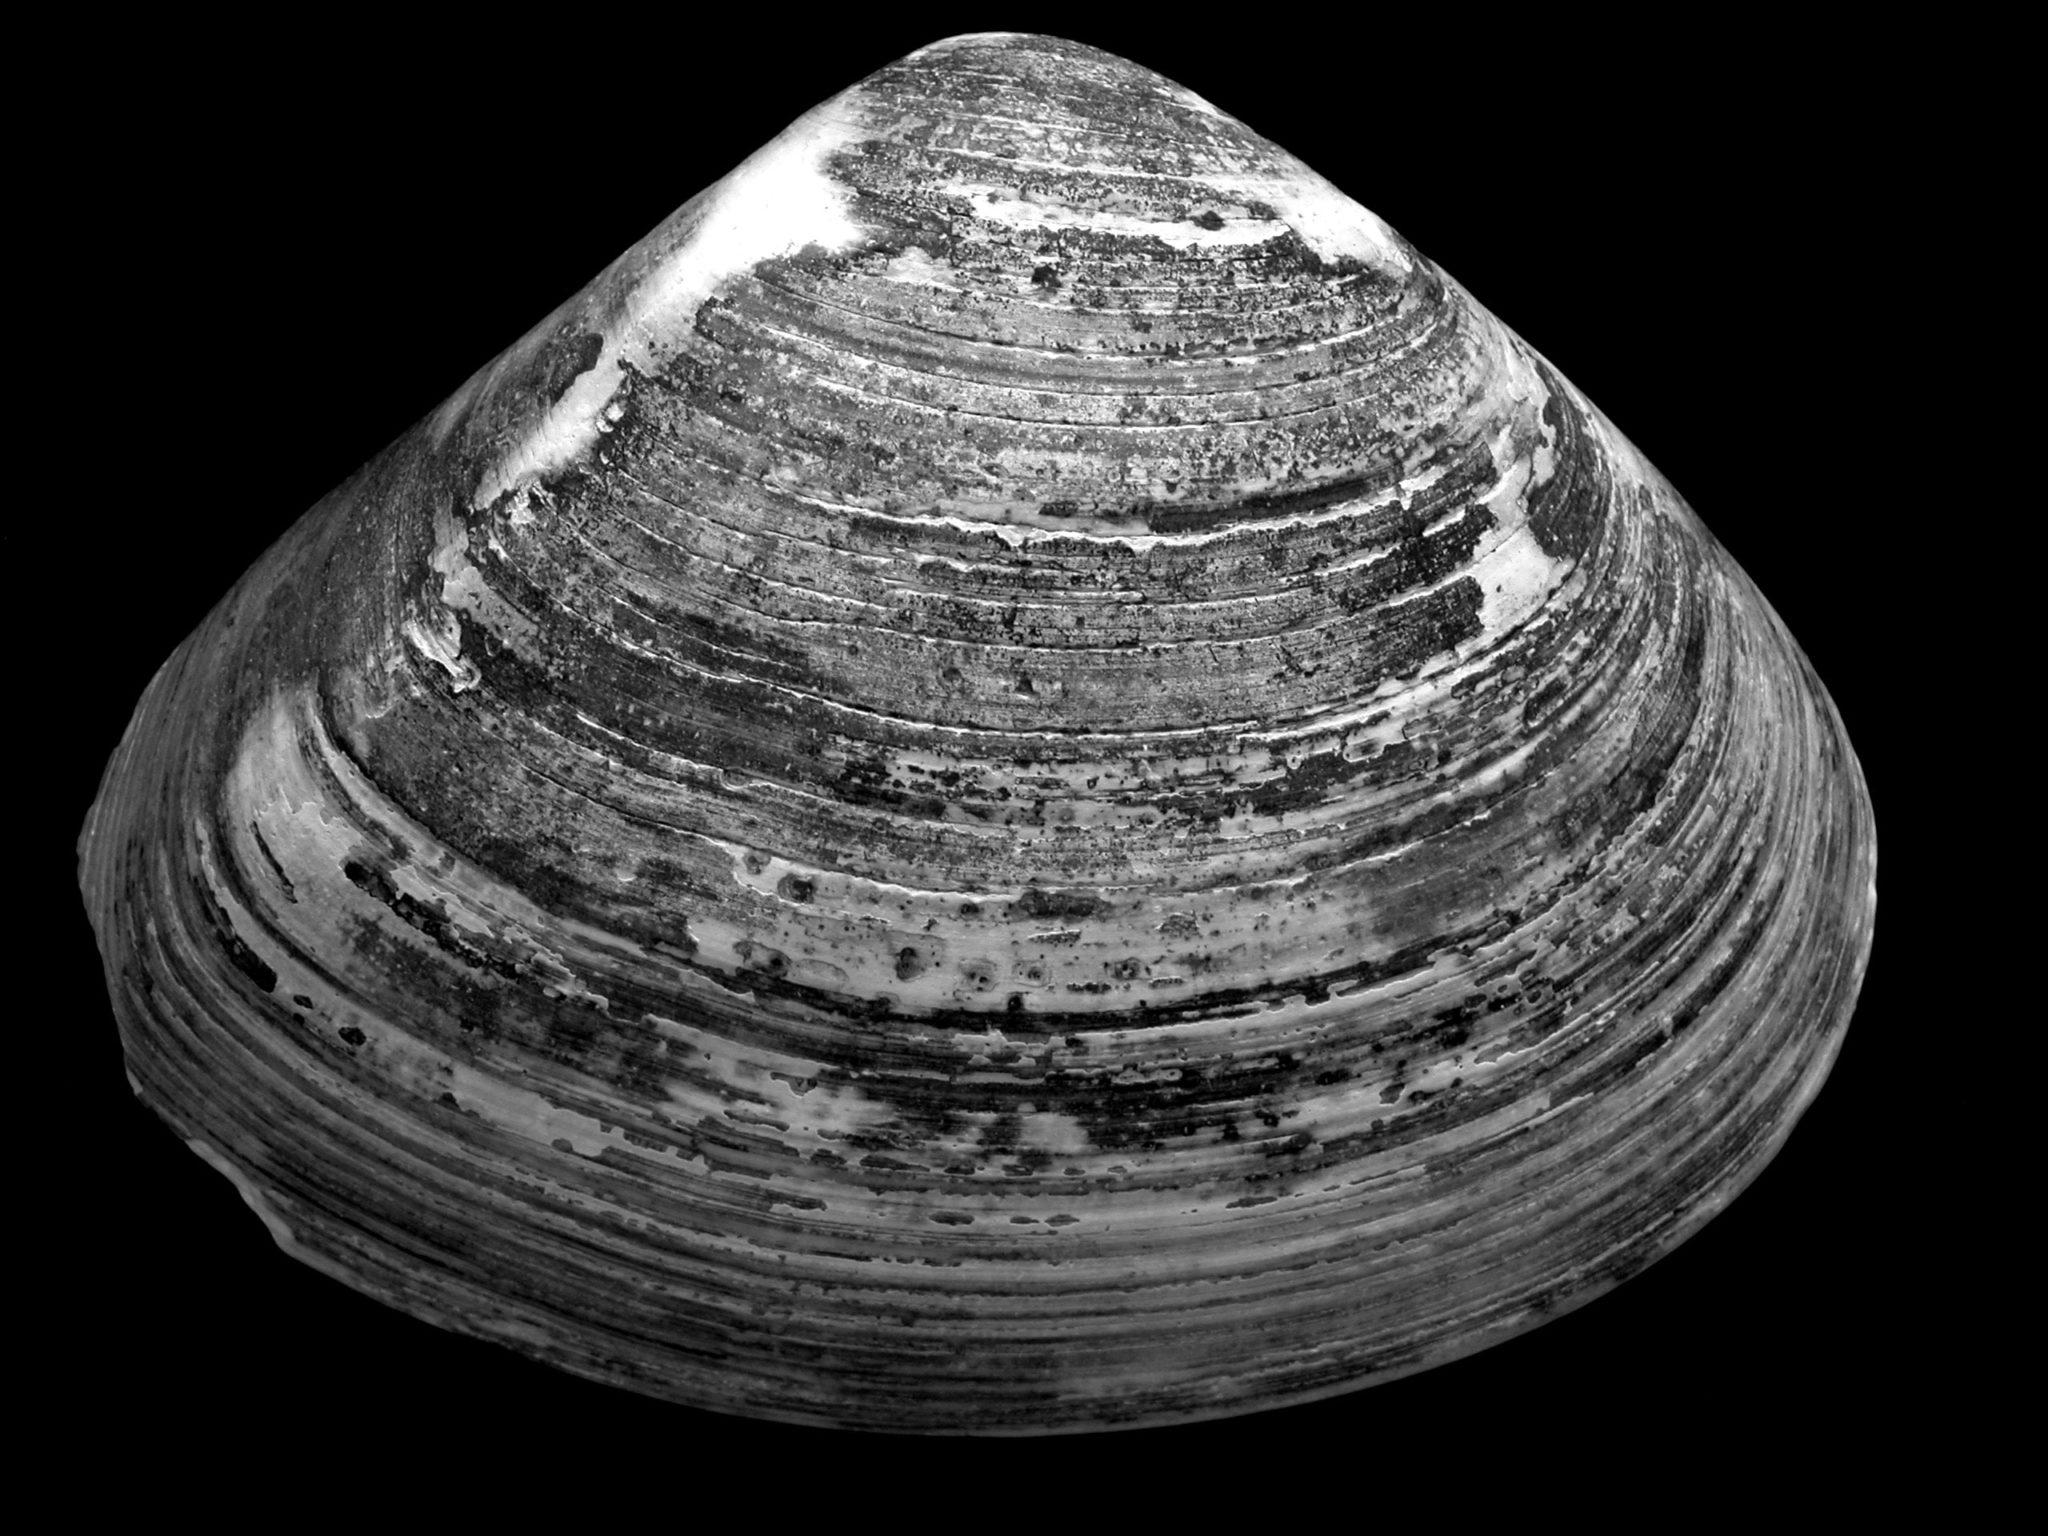 Eine schwarz-weiß Fotographie von einer Muschel